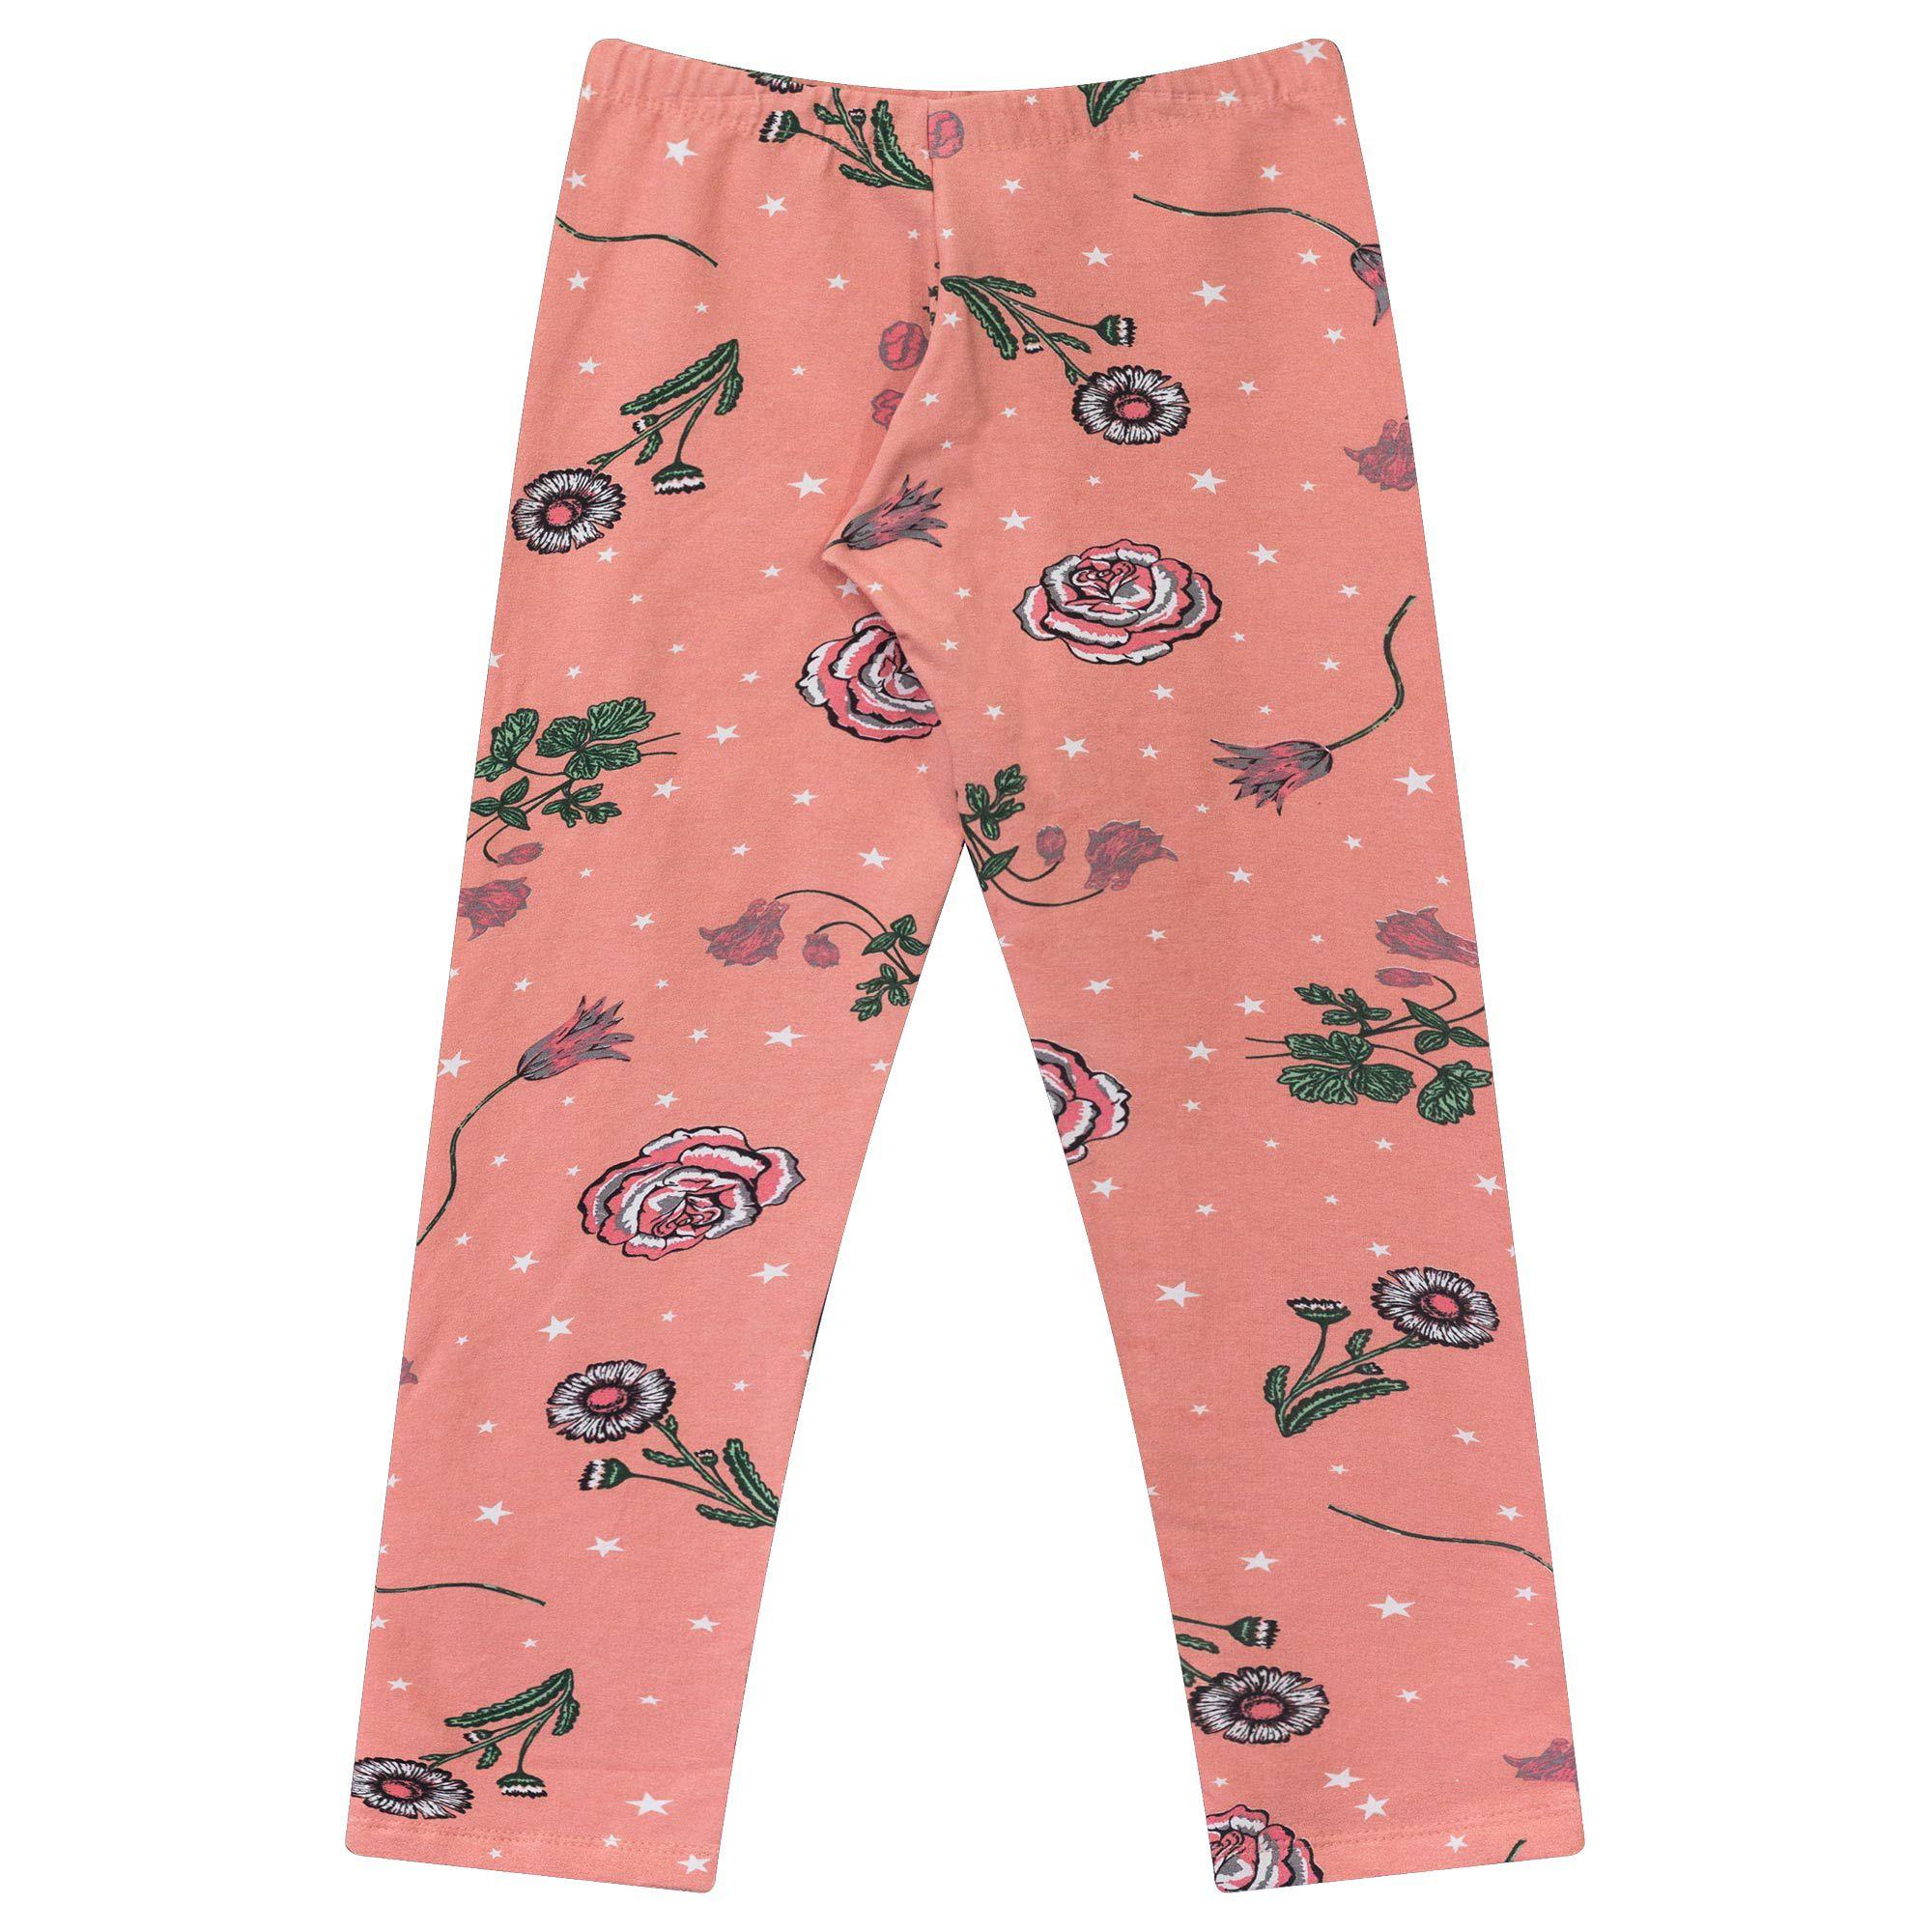 Legging Infantil Feminina - Ref 5010 - E21